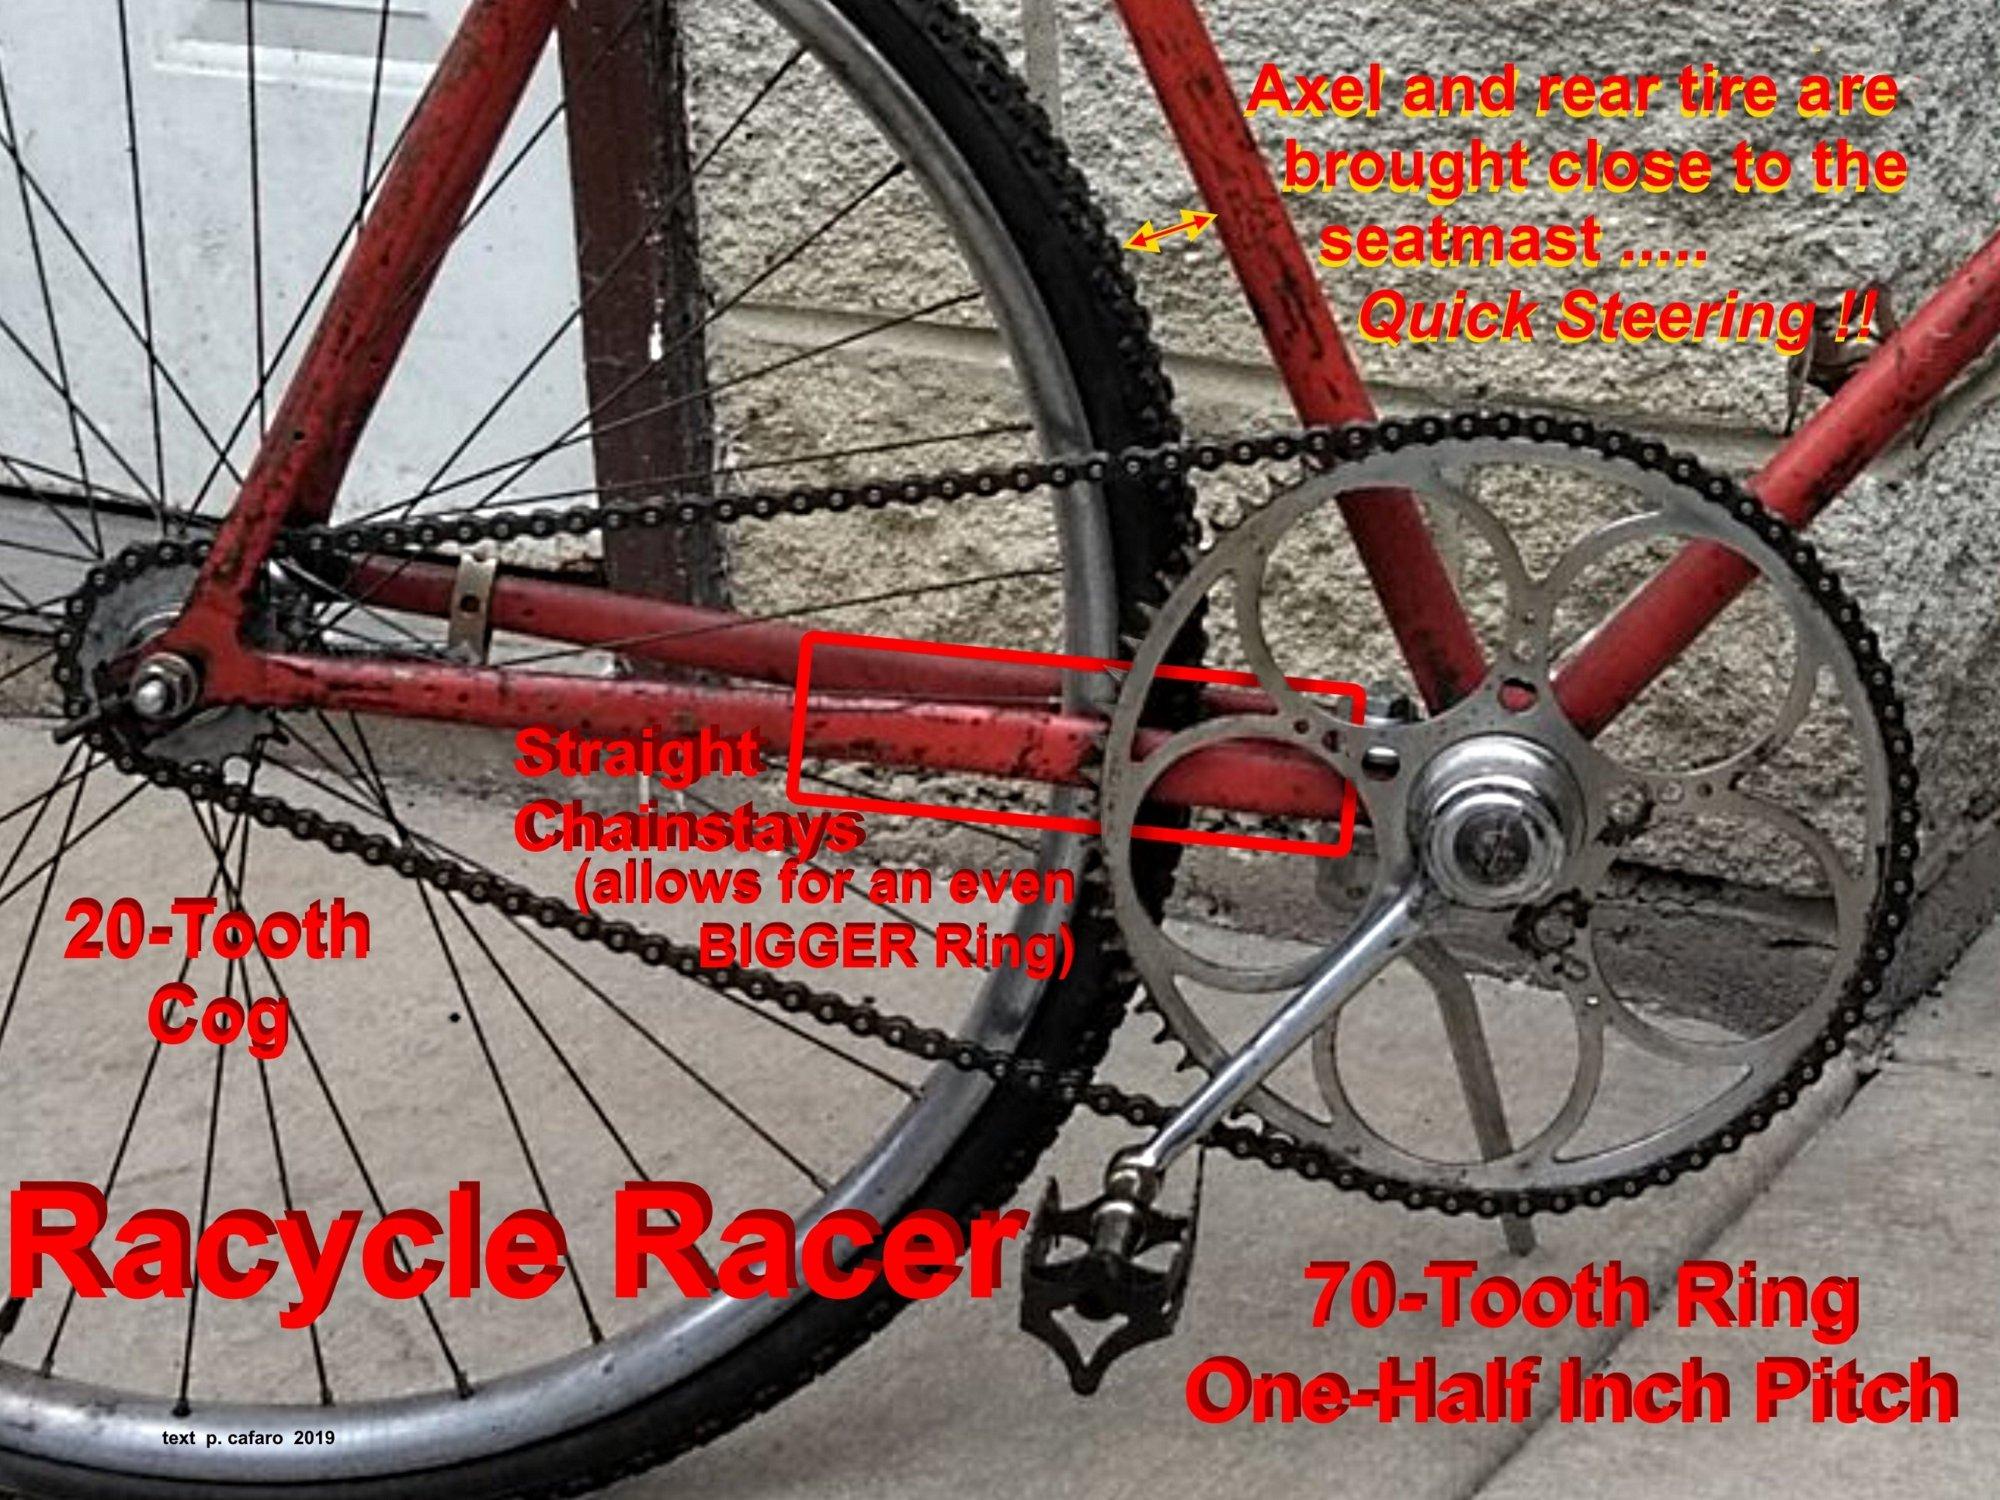 racycle racer 2.jpg